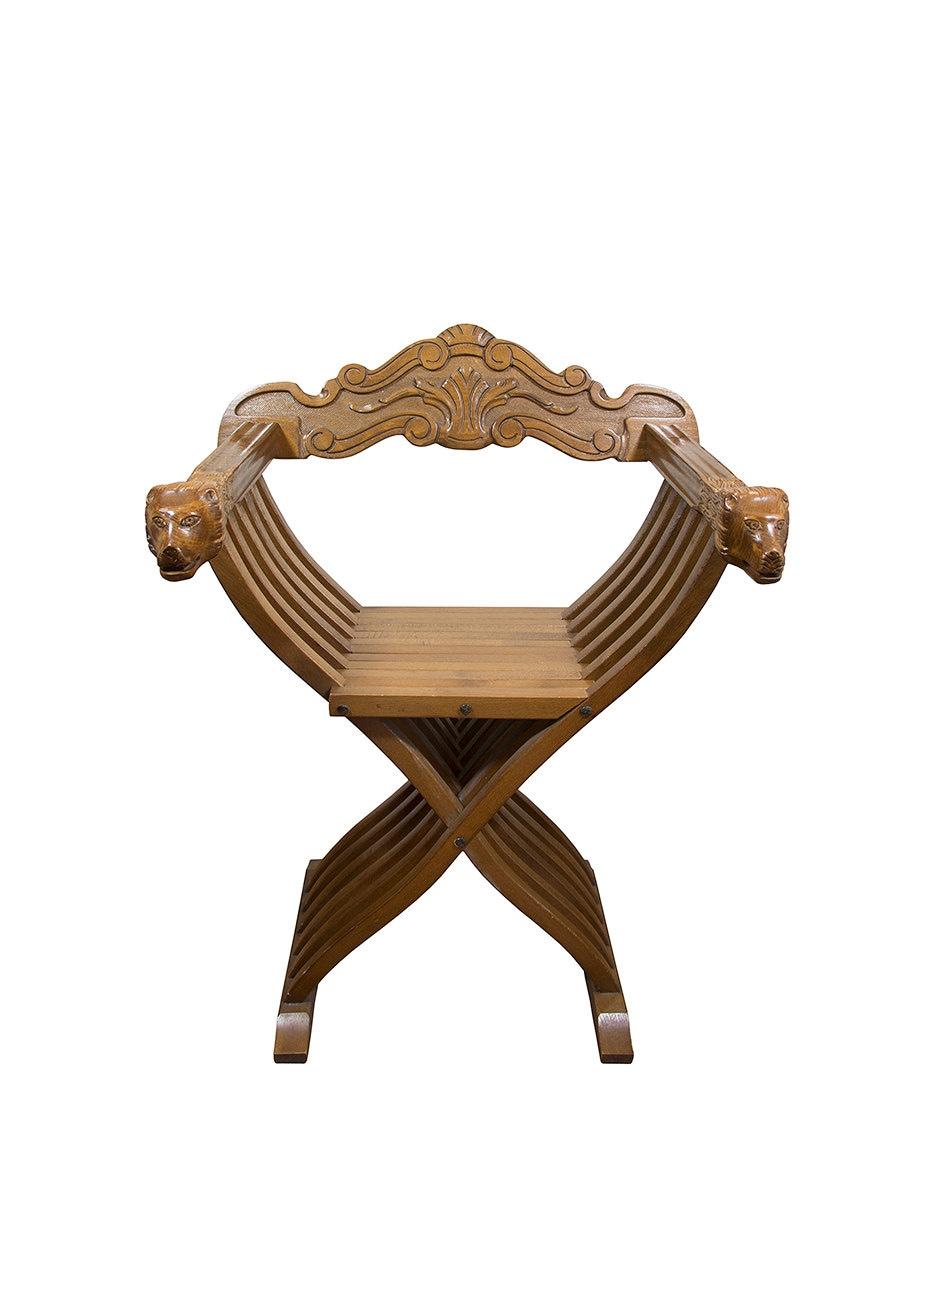 Savonarola chair italian renaissance - Details Vintage Chair Savonarola